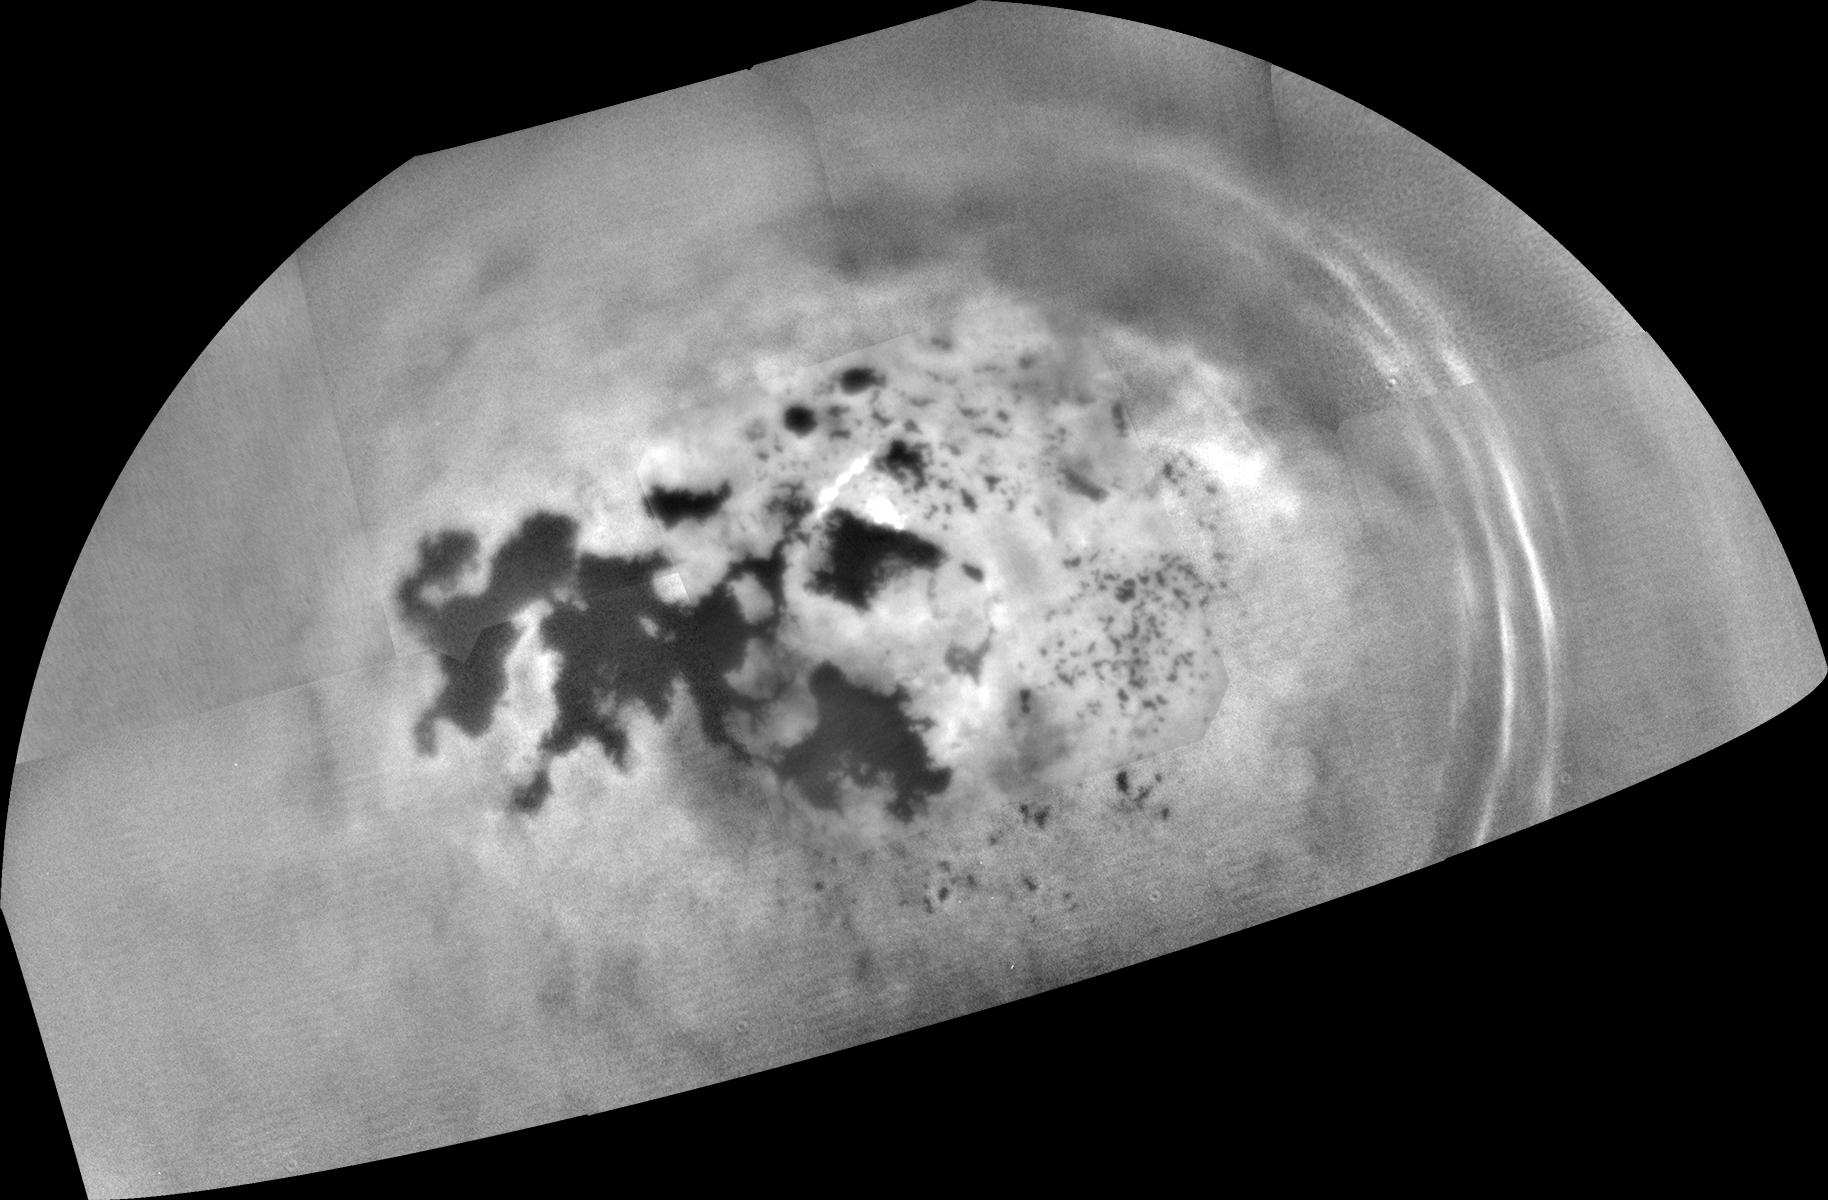 Mozaika ze zdjęć wykonanych przez sondę Cassini podczas przelotu w pobliżu Tytana 17 lutego 2017 r.